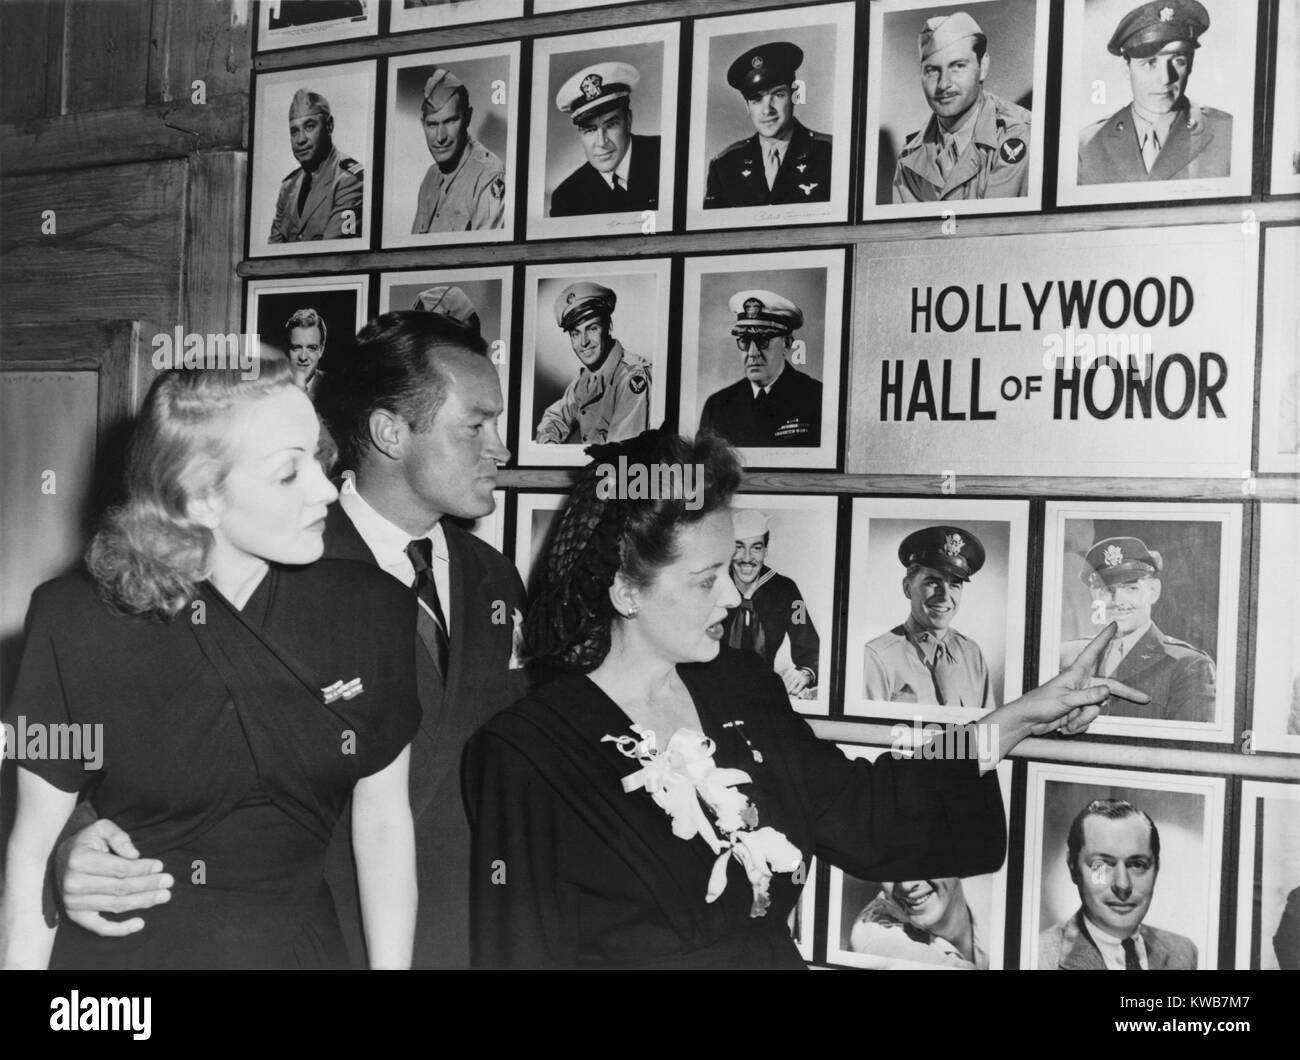 Mur d'honneur dans la cantine pour Hollywood militaires durant la Seconde Guerre mondiale 2. Marlene Dietrich, Bob Banque D'Images